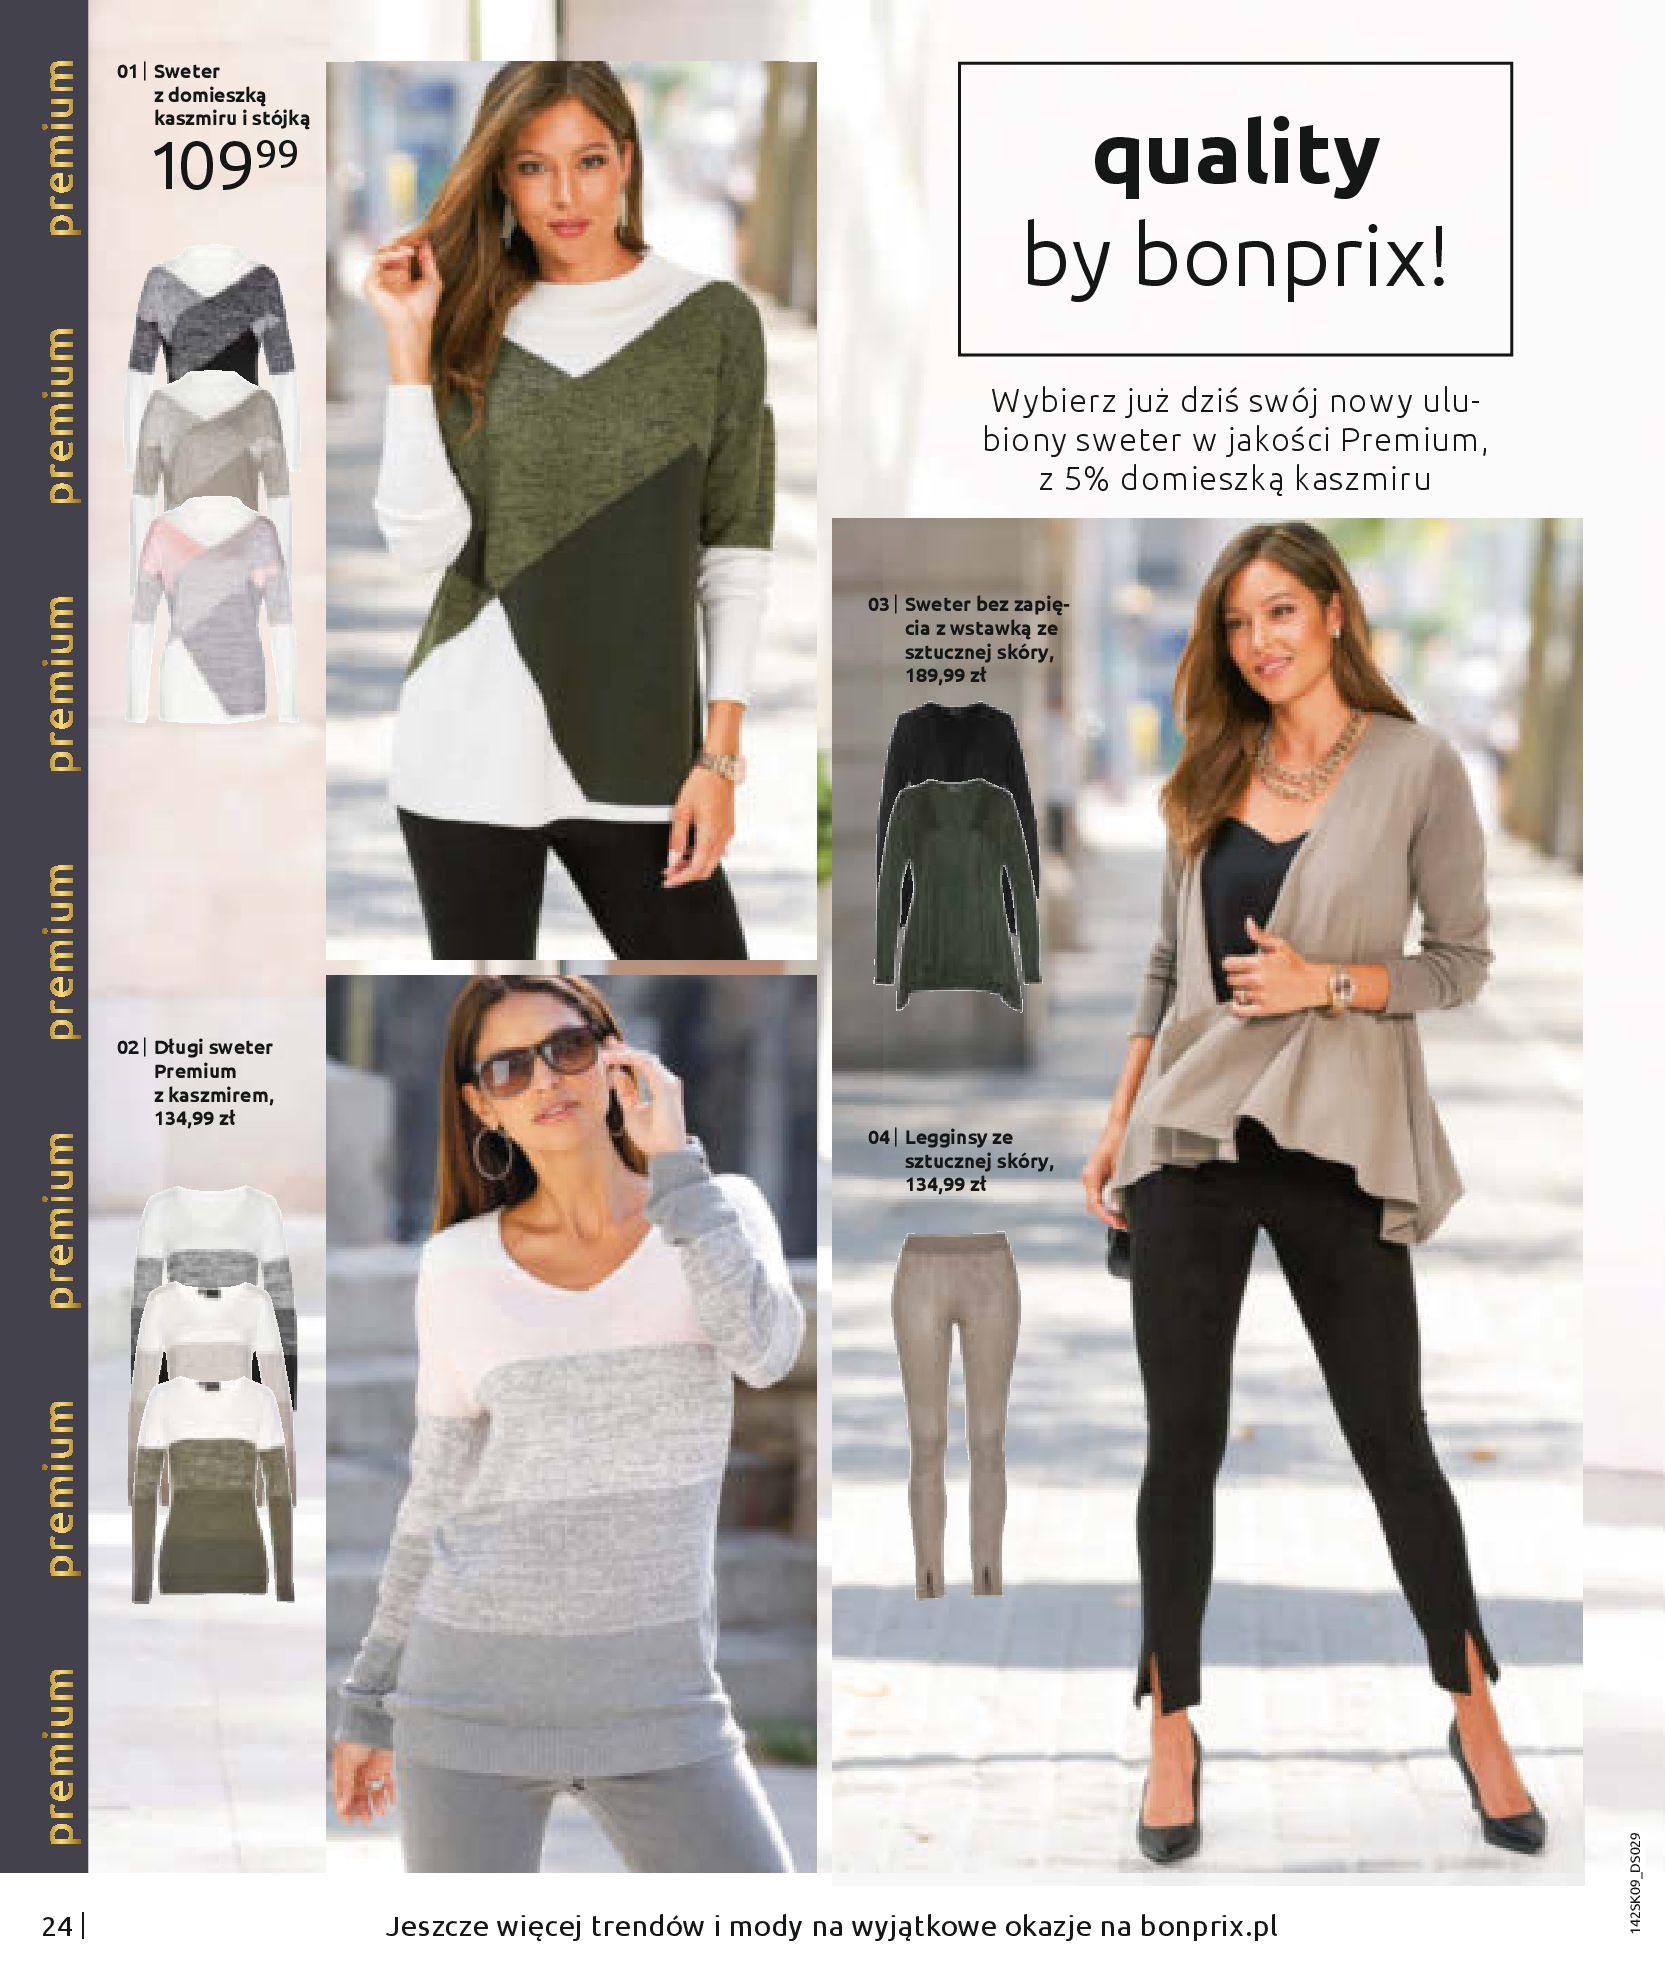 Gazetka Bonprix - Jesienny look-31.08.2020-28.02.2021-page-26